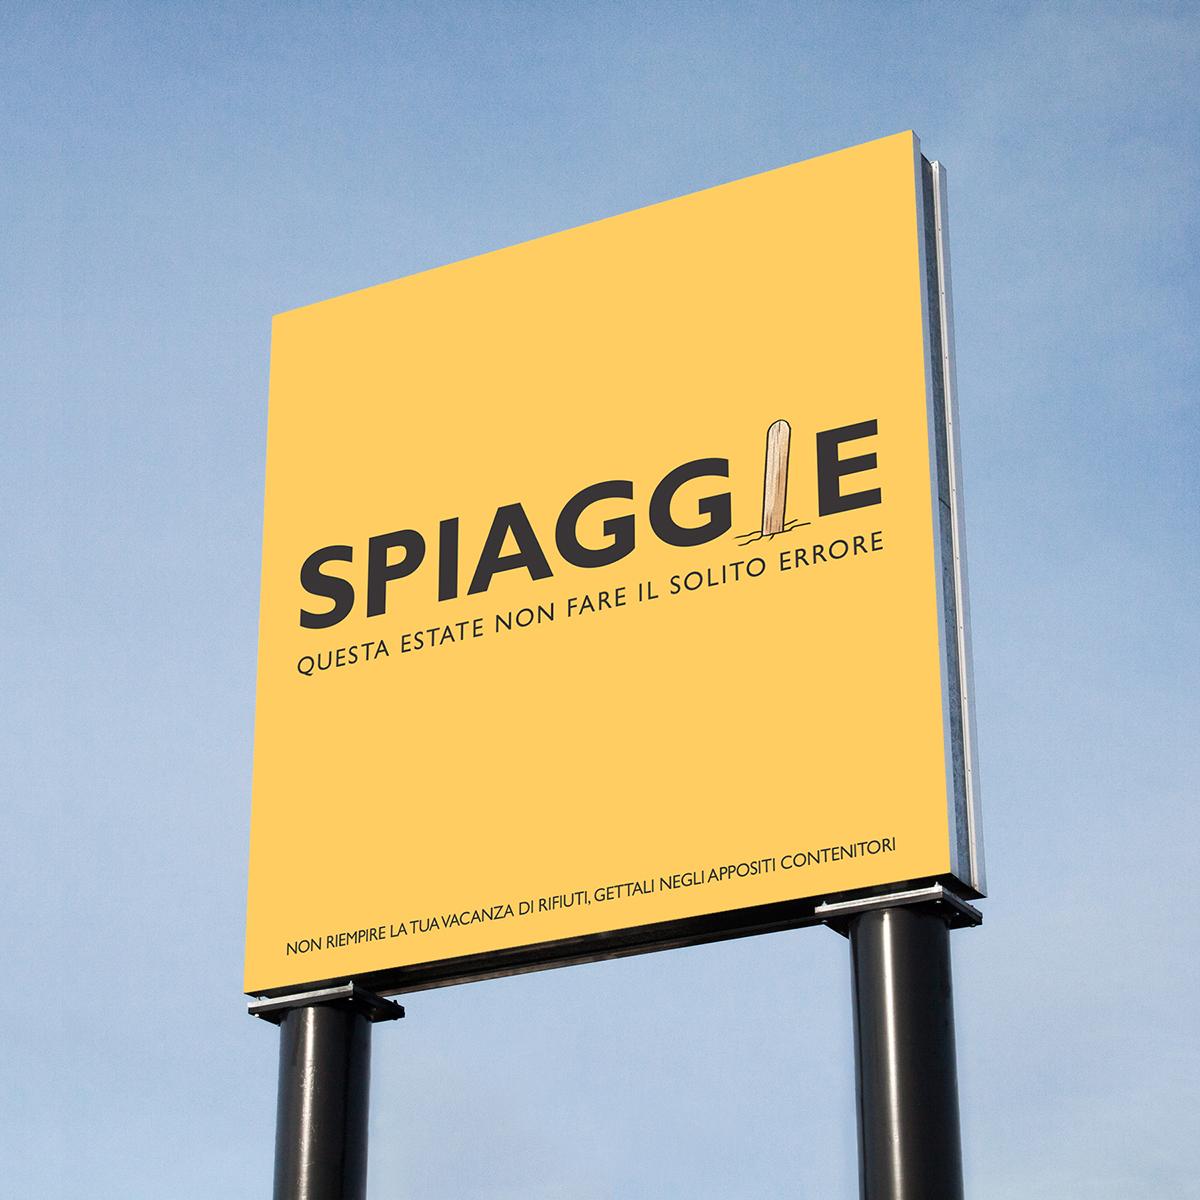 SPIAGGE_MOCKUP_STECCO